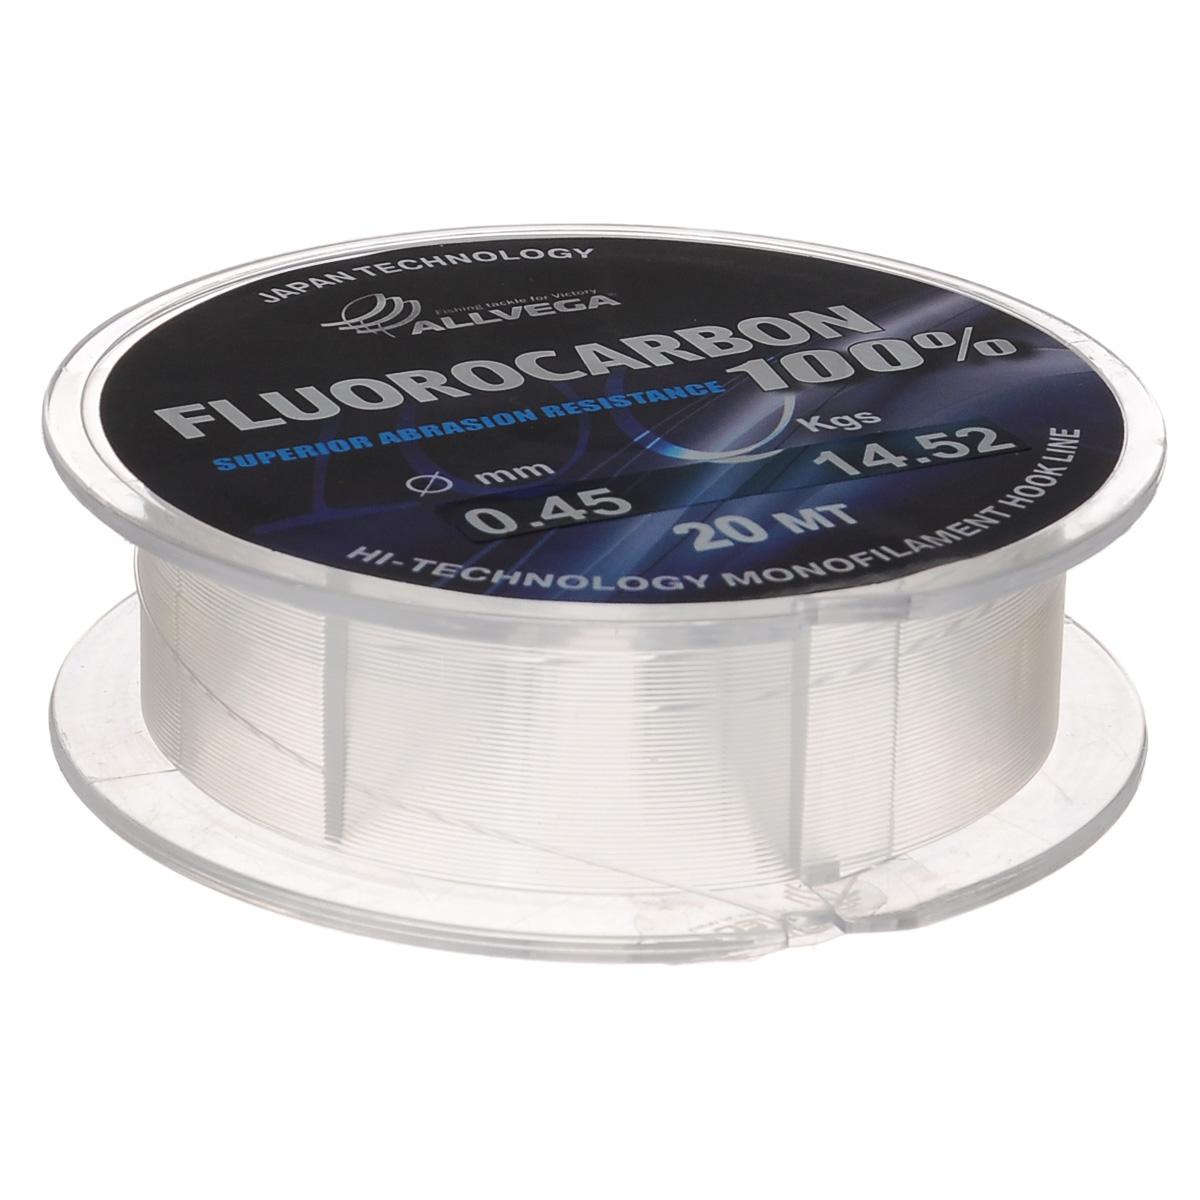 Леска Allvega FX Fluorocarbon 100%, цвет: прозрачный, 20 м, 0,45 мм, 14,52 кг36266Allvega FX Fluorocarbon 100% имеет коэффициент преломления света, близкий к коэффициенту преломления света воды, поэтому эта леска незаметна в воде и незаменима во многих случаях. Широко используется в качестве поводковой лески, как для мирных рыб, так и для хищников. Кроме прозрачности, так же обладает высокой устойчивостью к внешним механическим воздействиям, таким как камни, песок, ракушечник, зубы хищников. Обладает малой растяжимостью, что позволяет более четко определять поклевку и просекать рыбу.